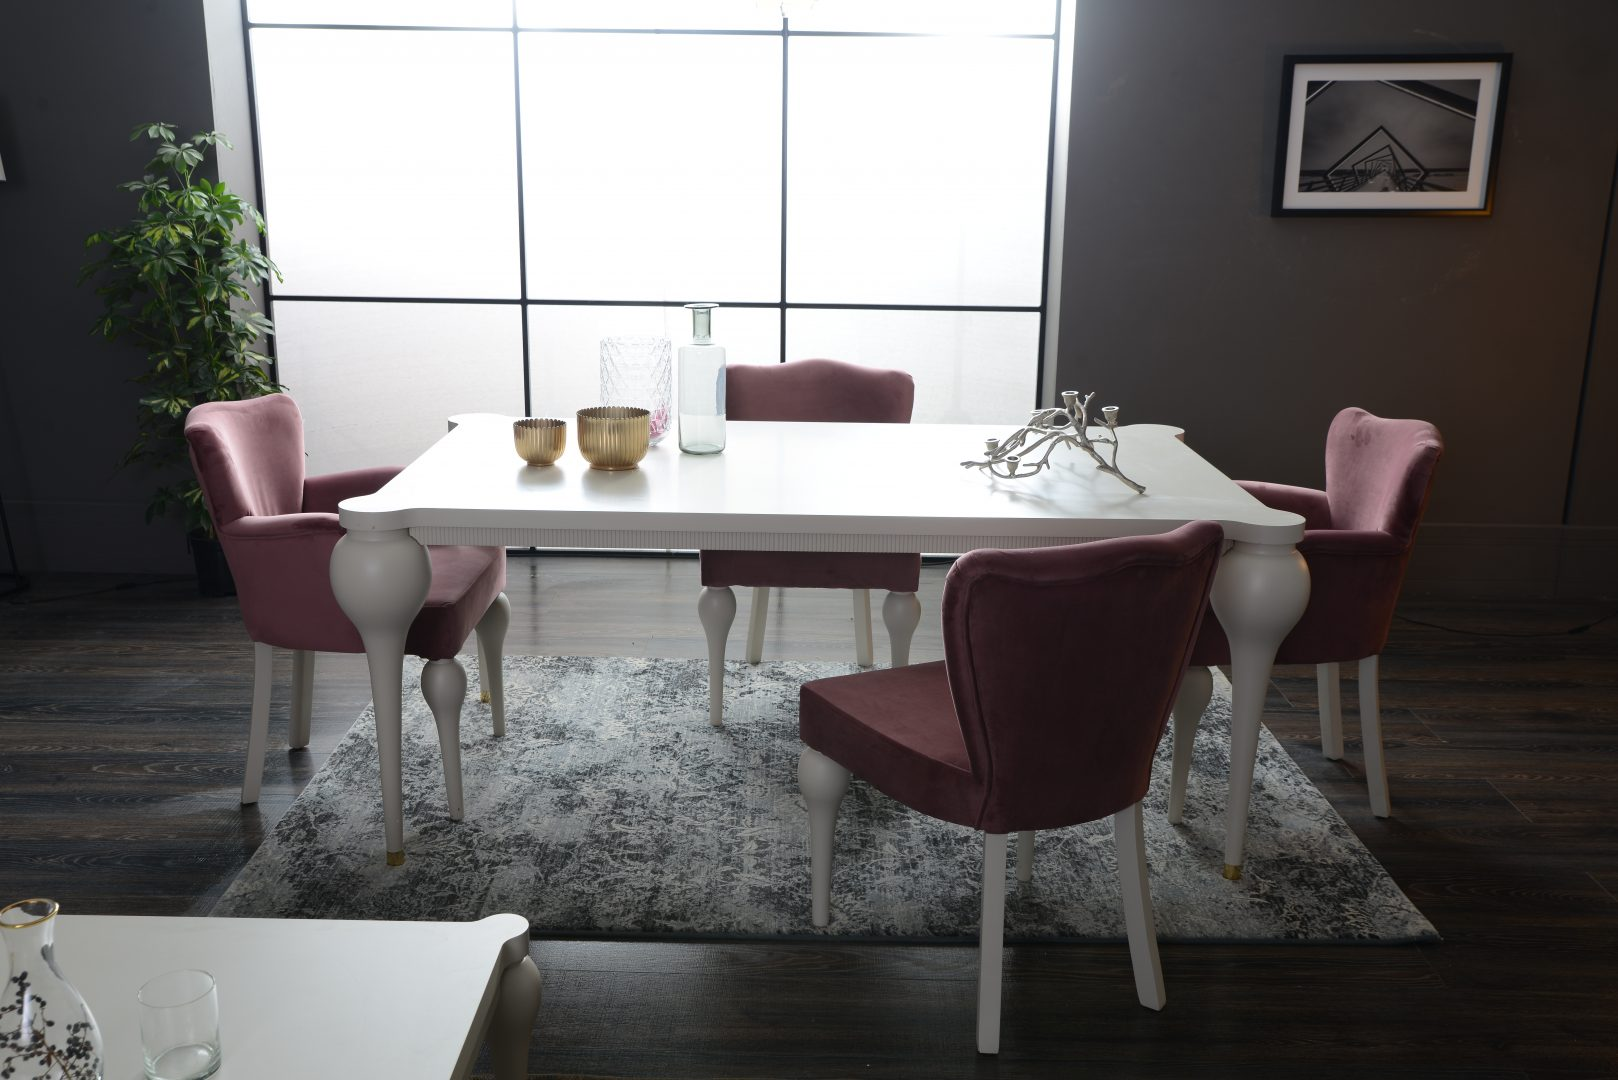 Valente yemek odas tak m hevin mobilya for Mobilya caserta